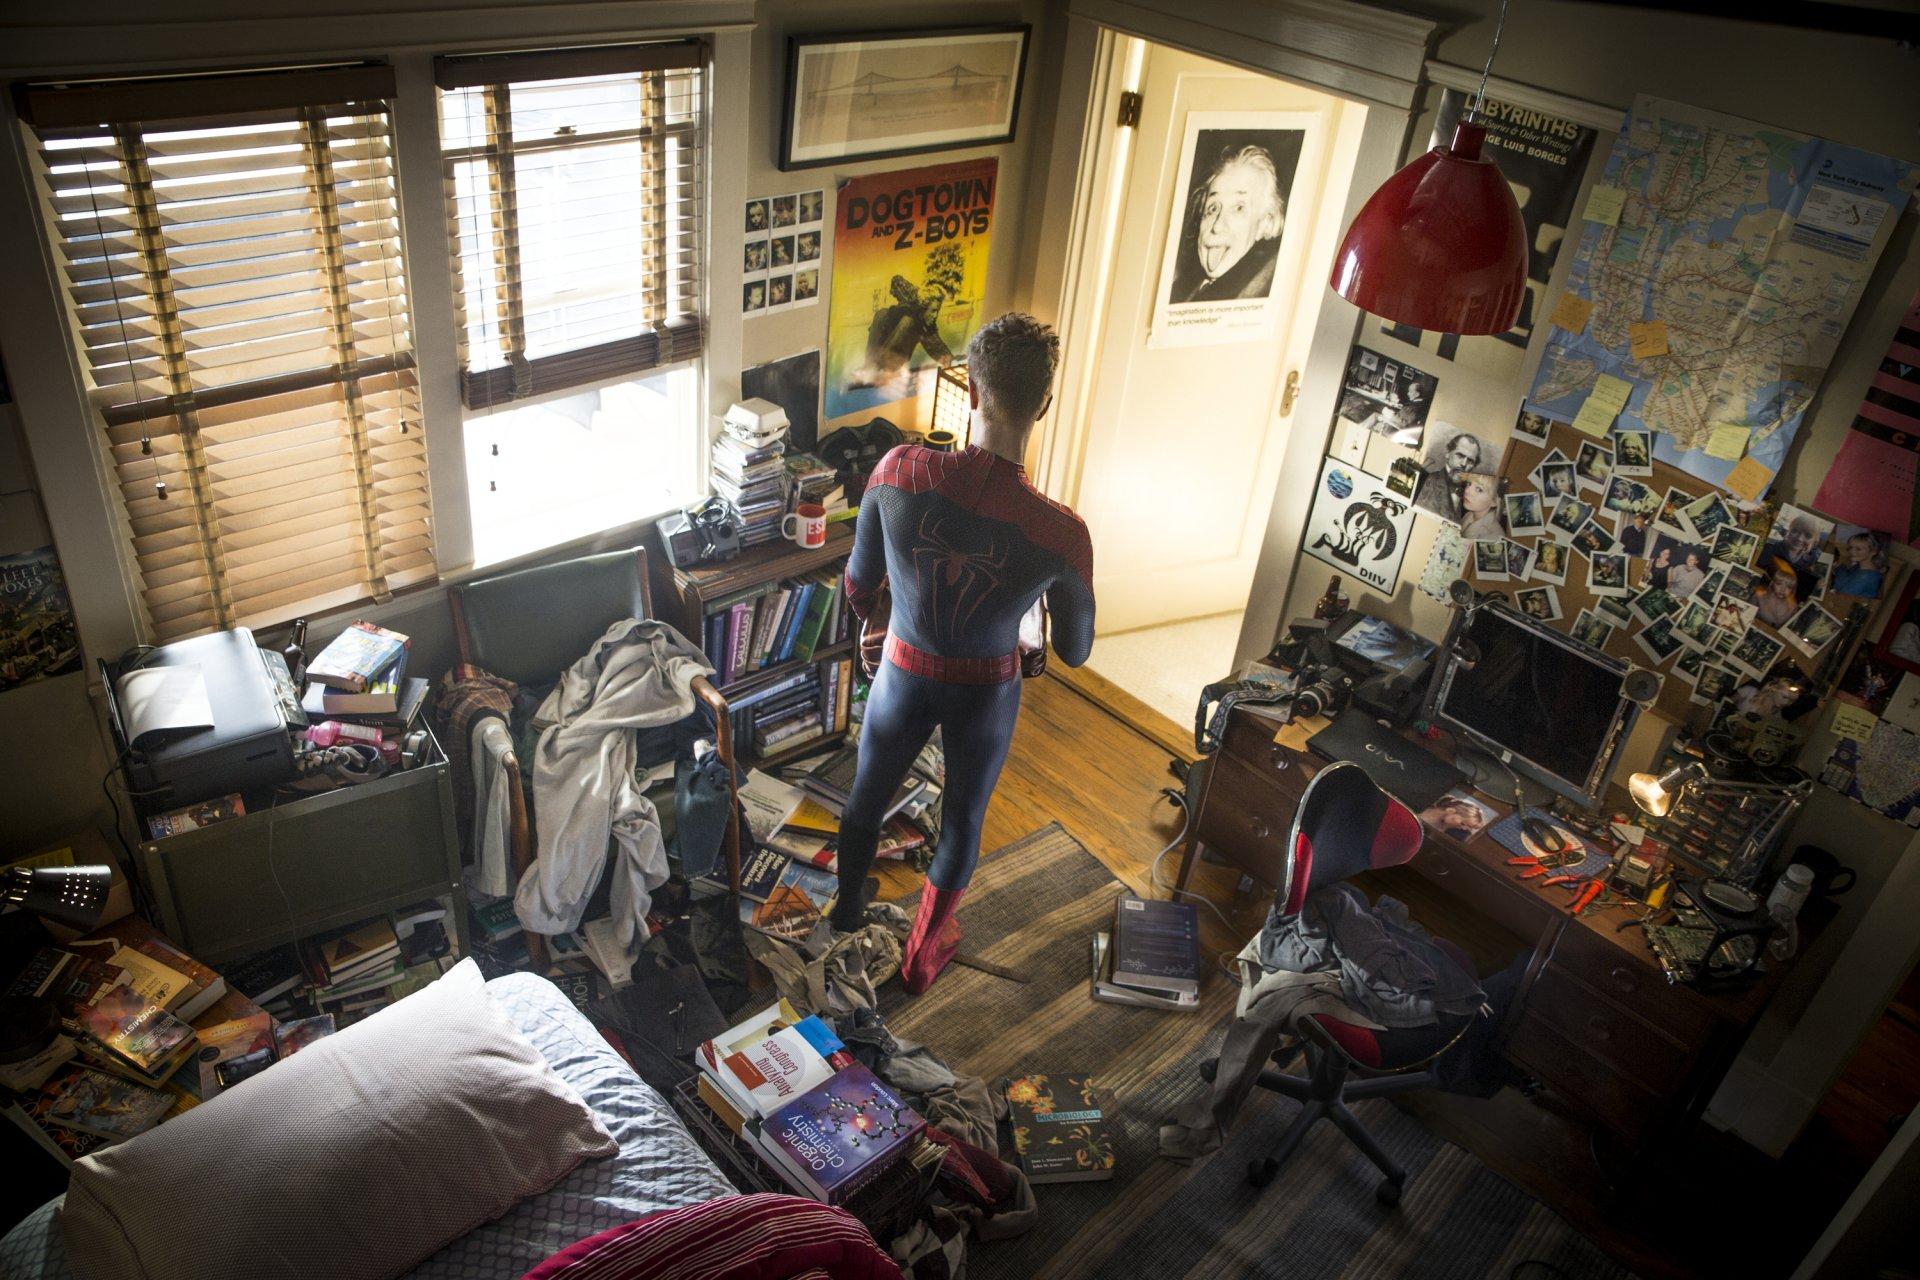 скачать игру новый человек паук 2 на русском через торрент на компьютер - фото 11